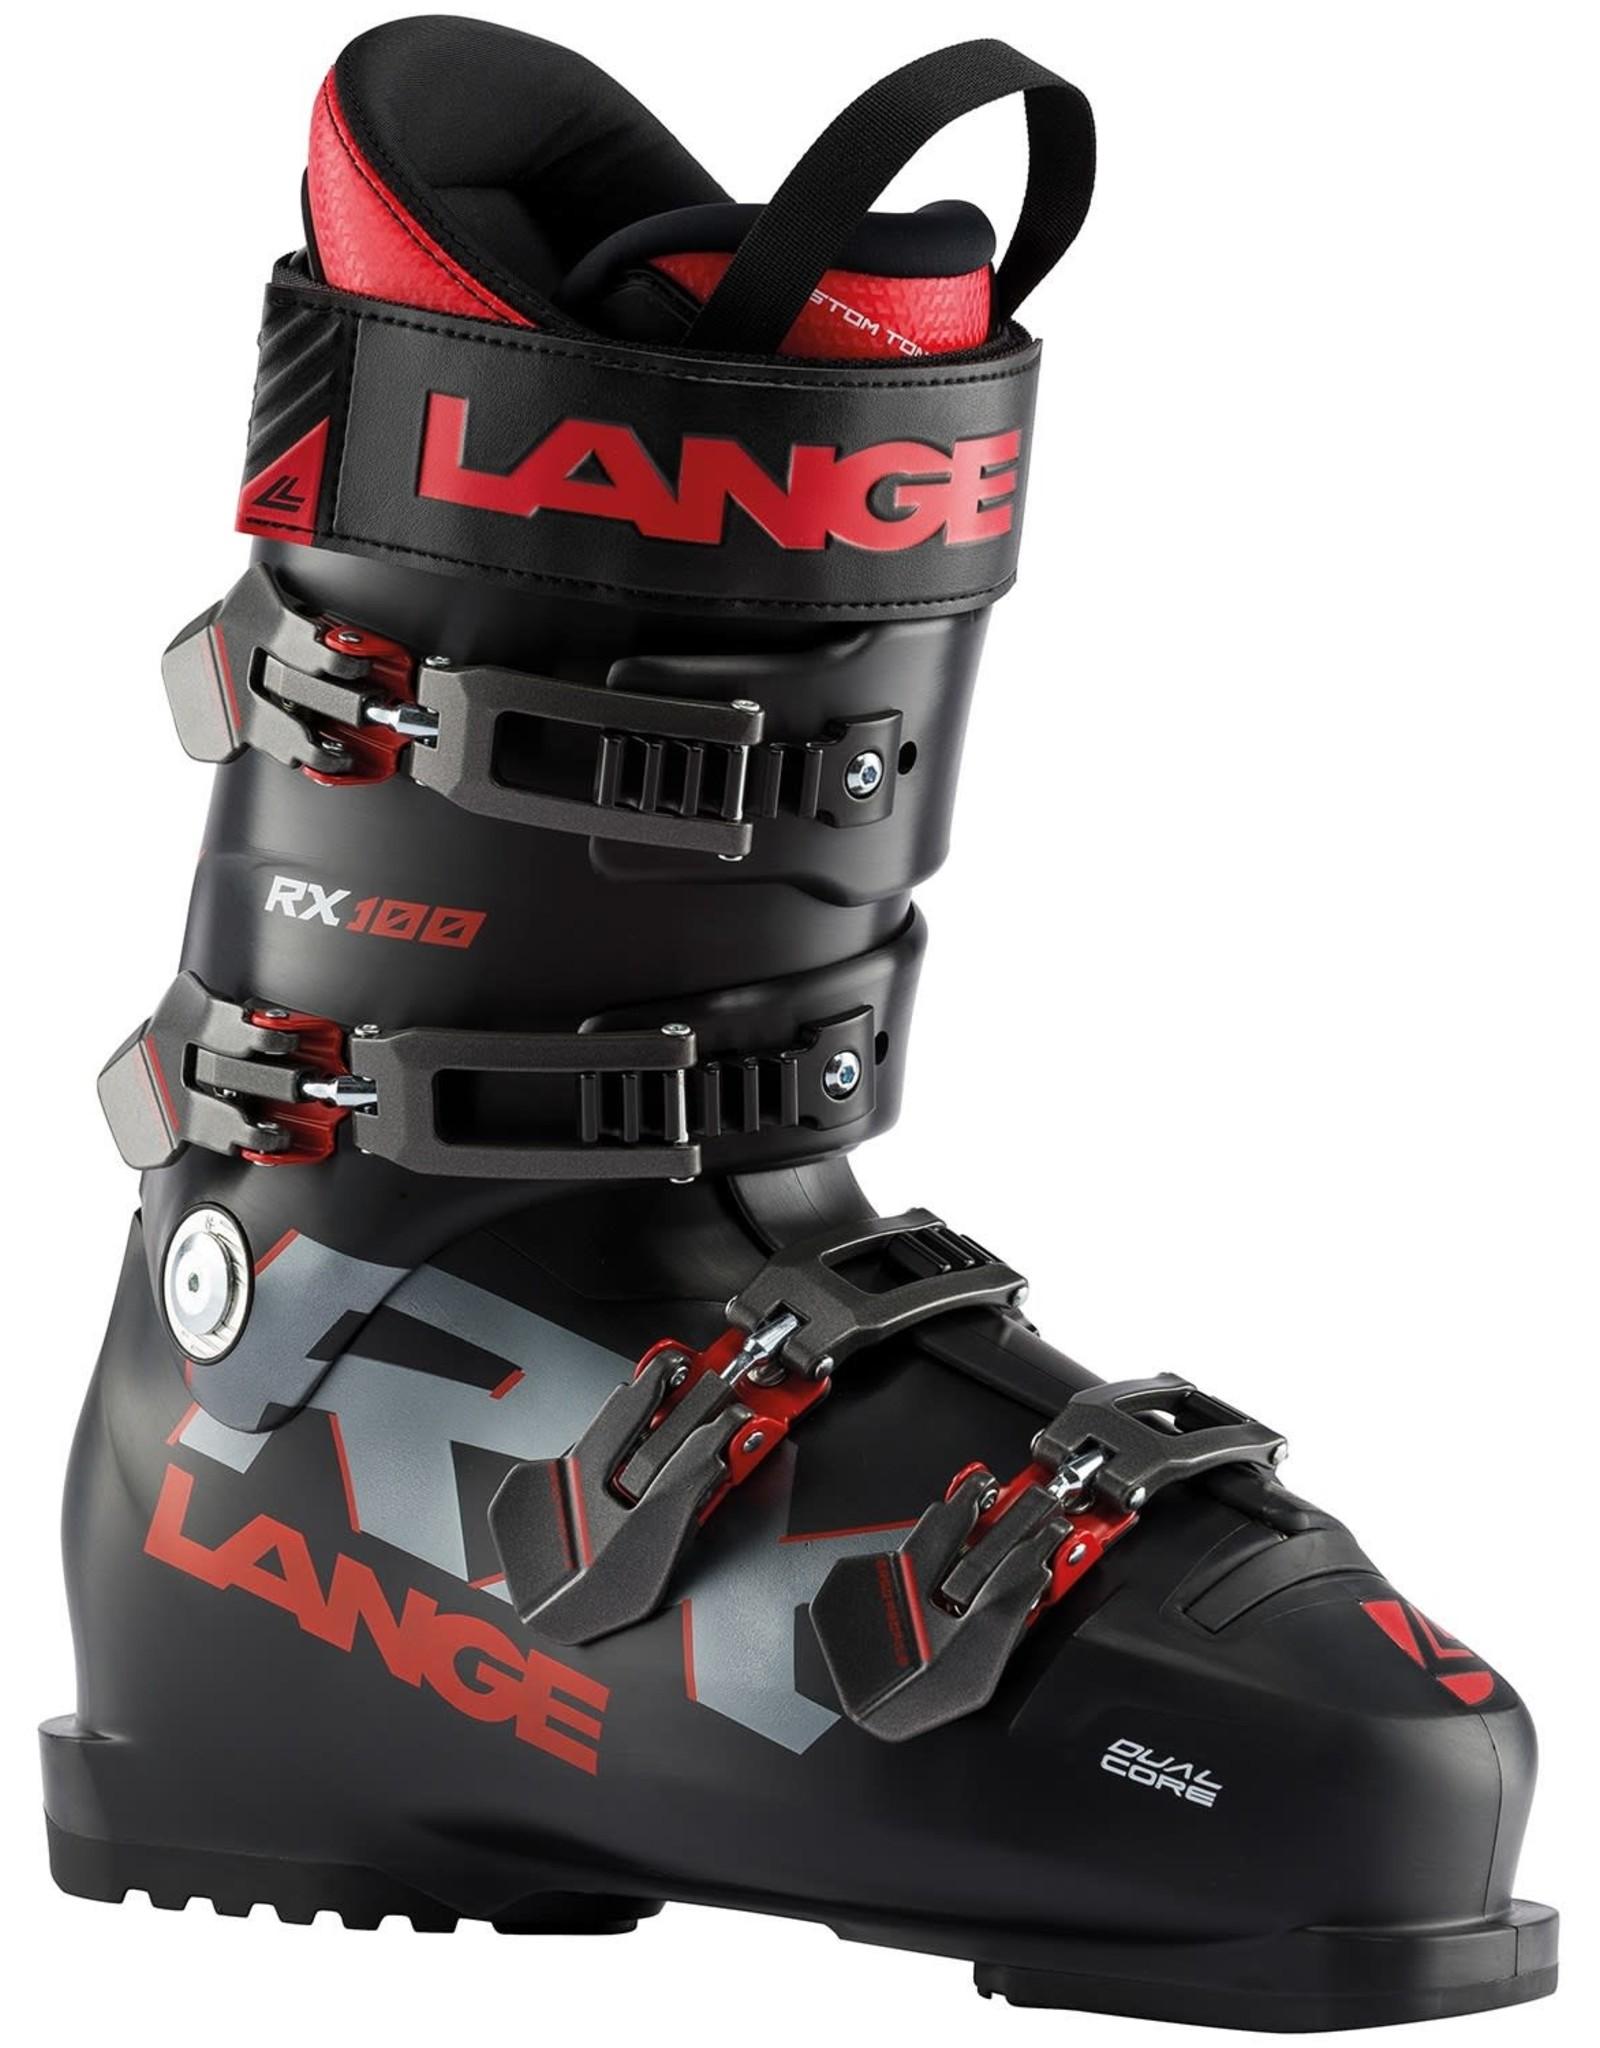 Lange LANGE Ski Boots RX 100 (20/21)